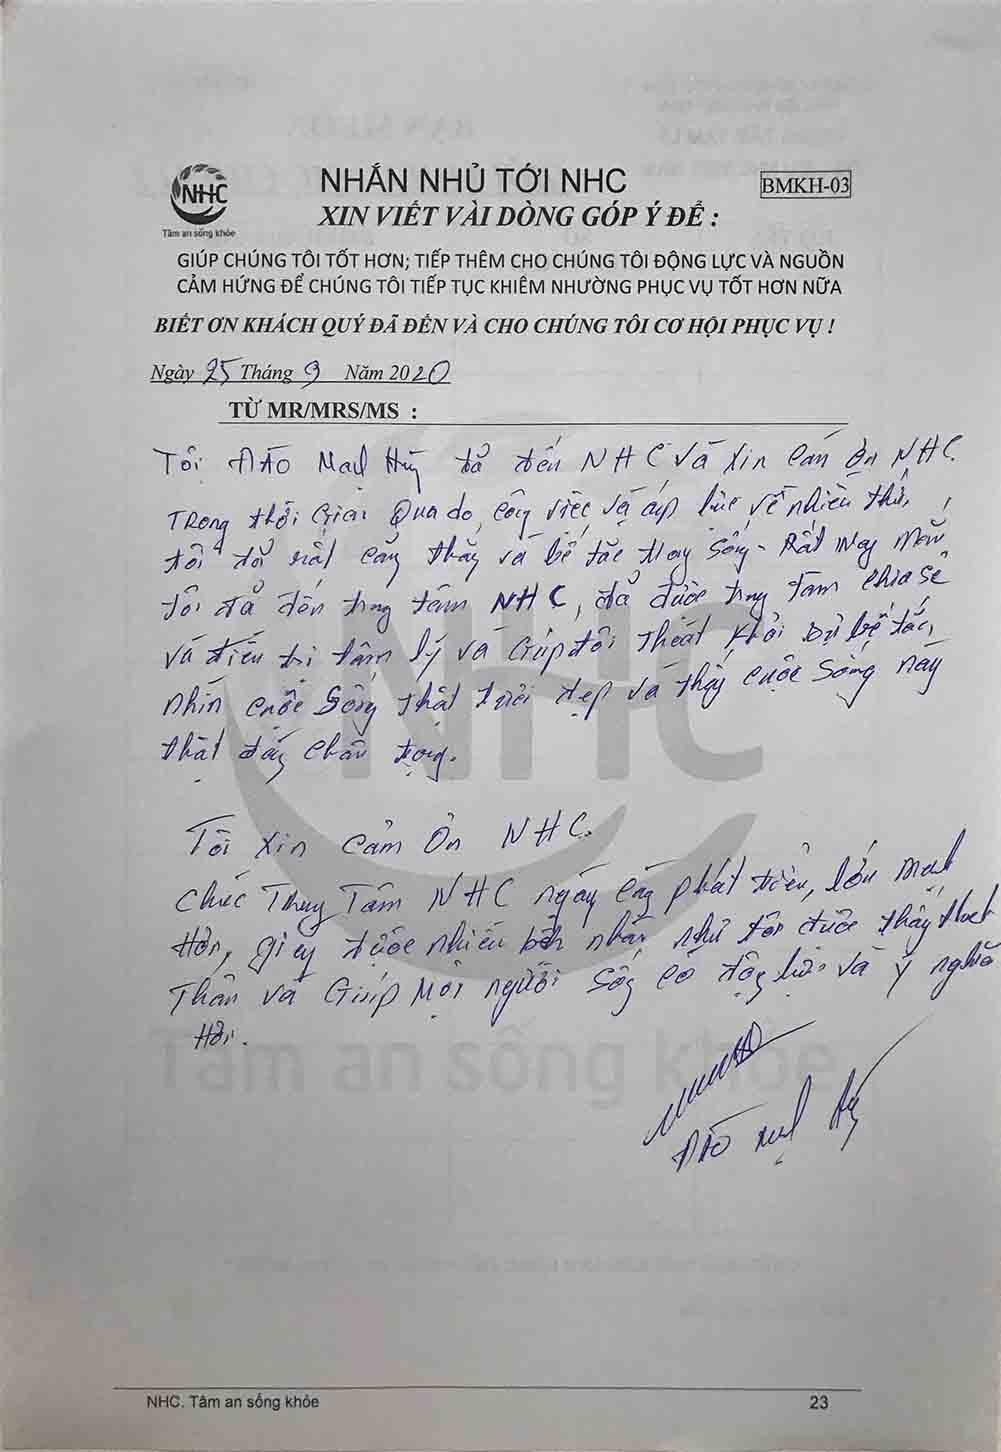 Chia sẻ của anh Hùng sau khi kết thúc 7 buổi trị liệu tại Trung tâm NHC